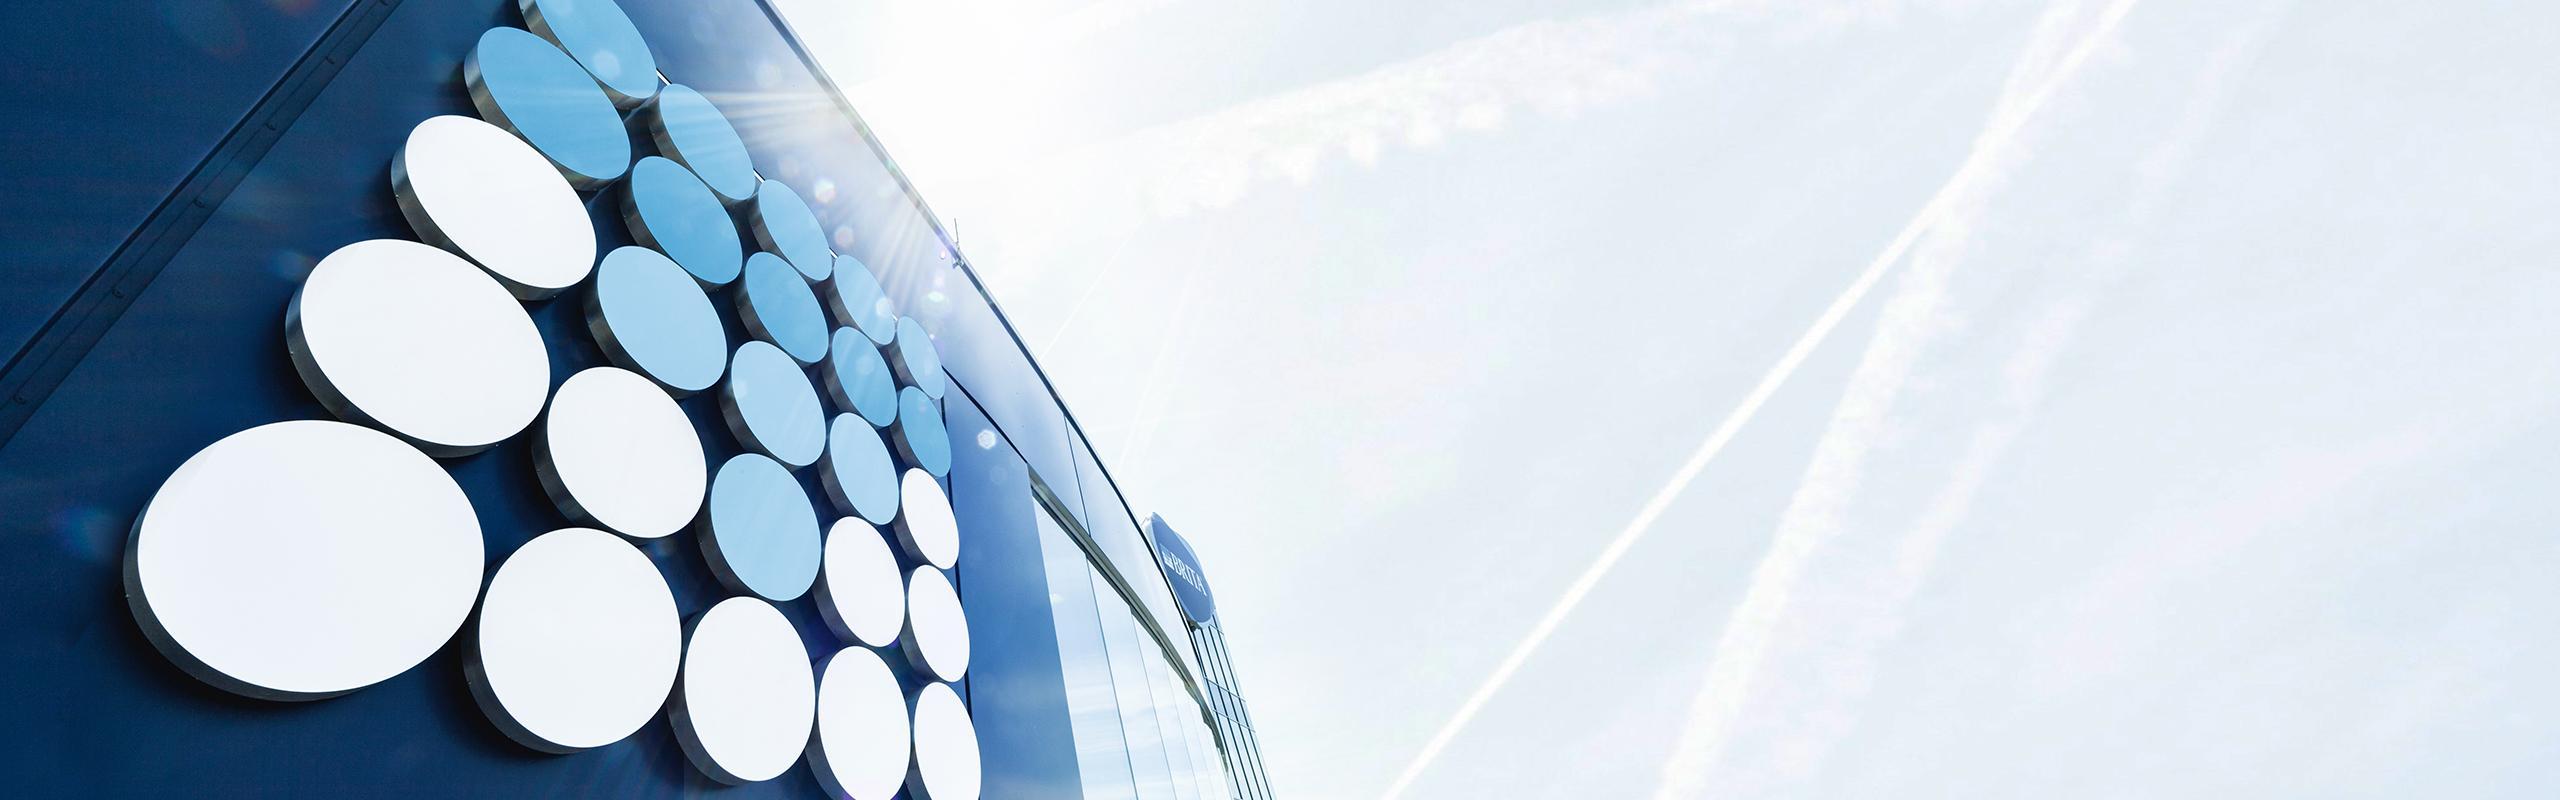 BRITA über BRITA Gebäudedetail Firmenzentrale